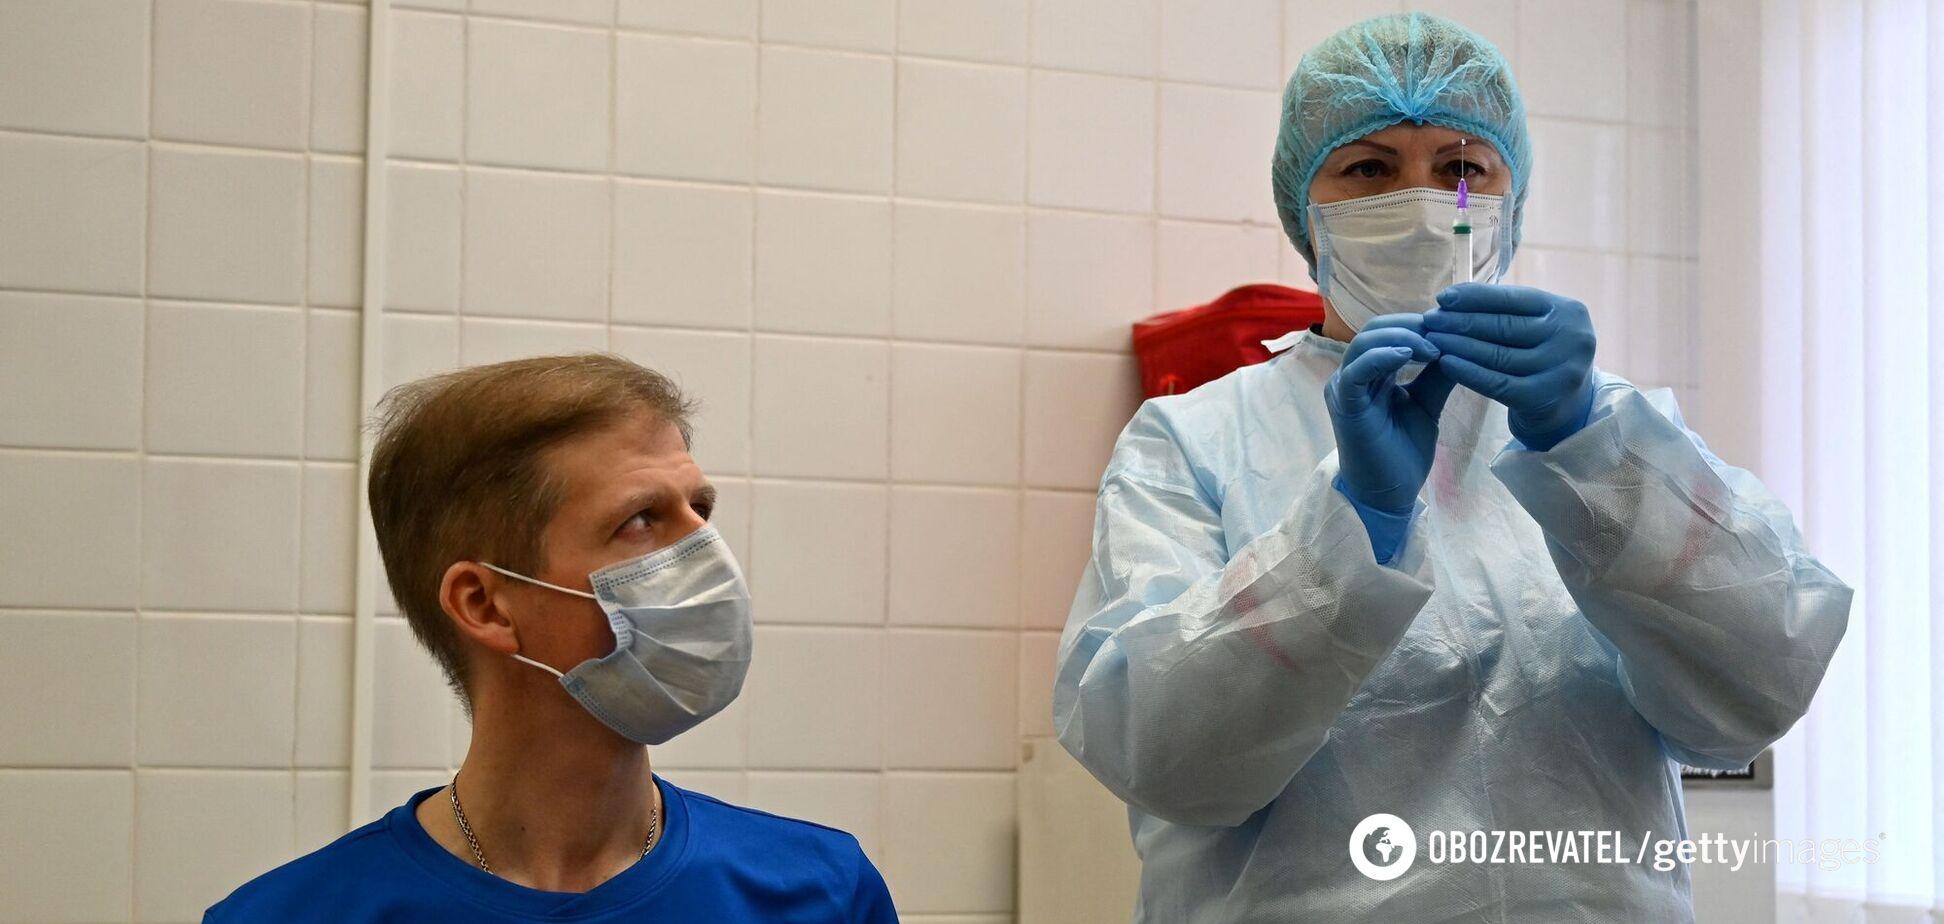 В Украине прививки от COVID-19 получили более 400 тыс. человек: как записаться на вакцинацию